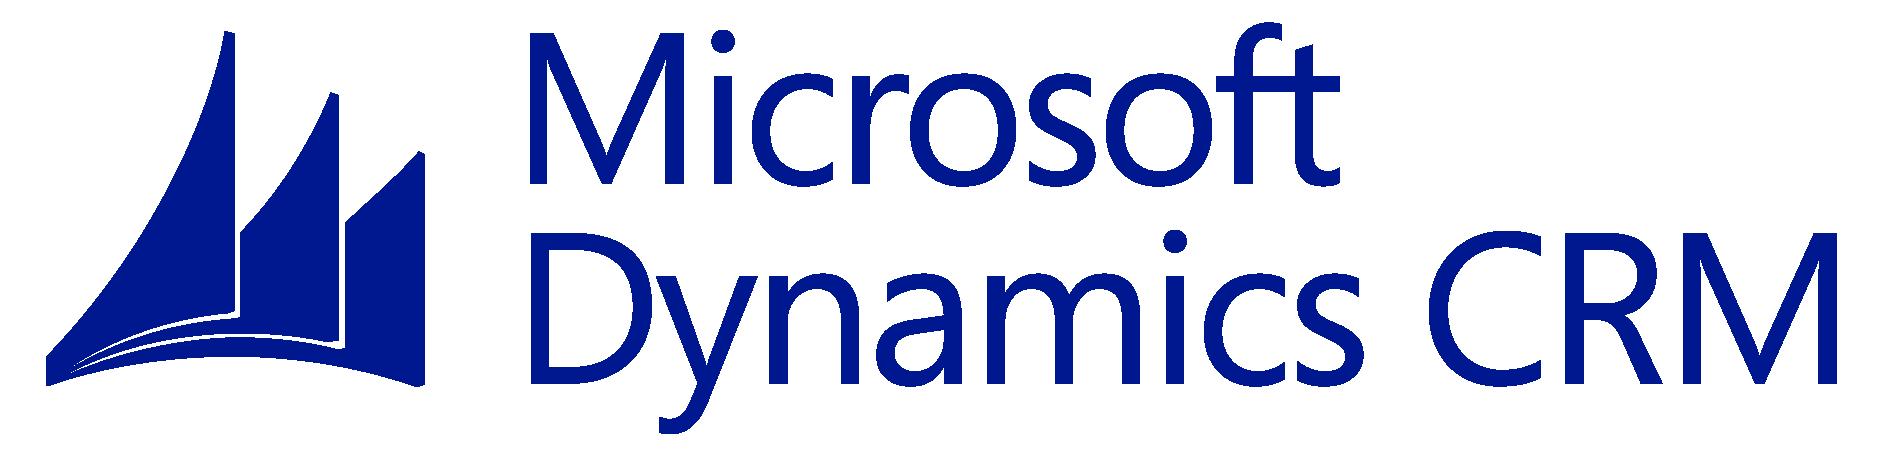 Microsoft Dynamics CRM Experts